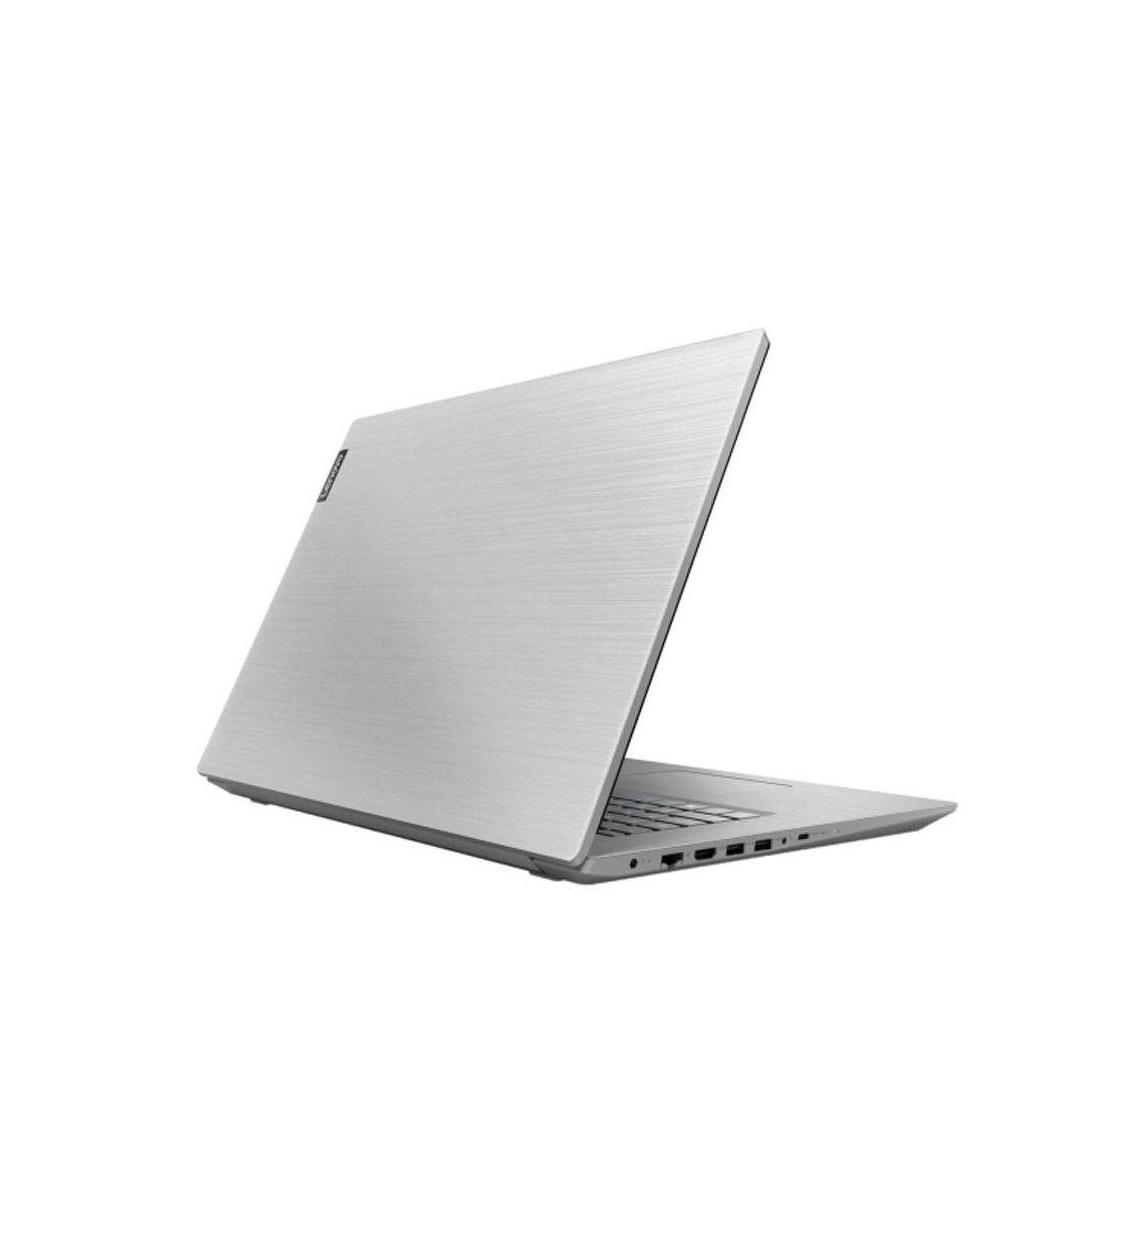 لپ تاپ 15 اینچی لنوو مدل Ideapad L340 - NP